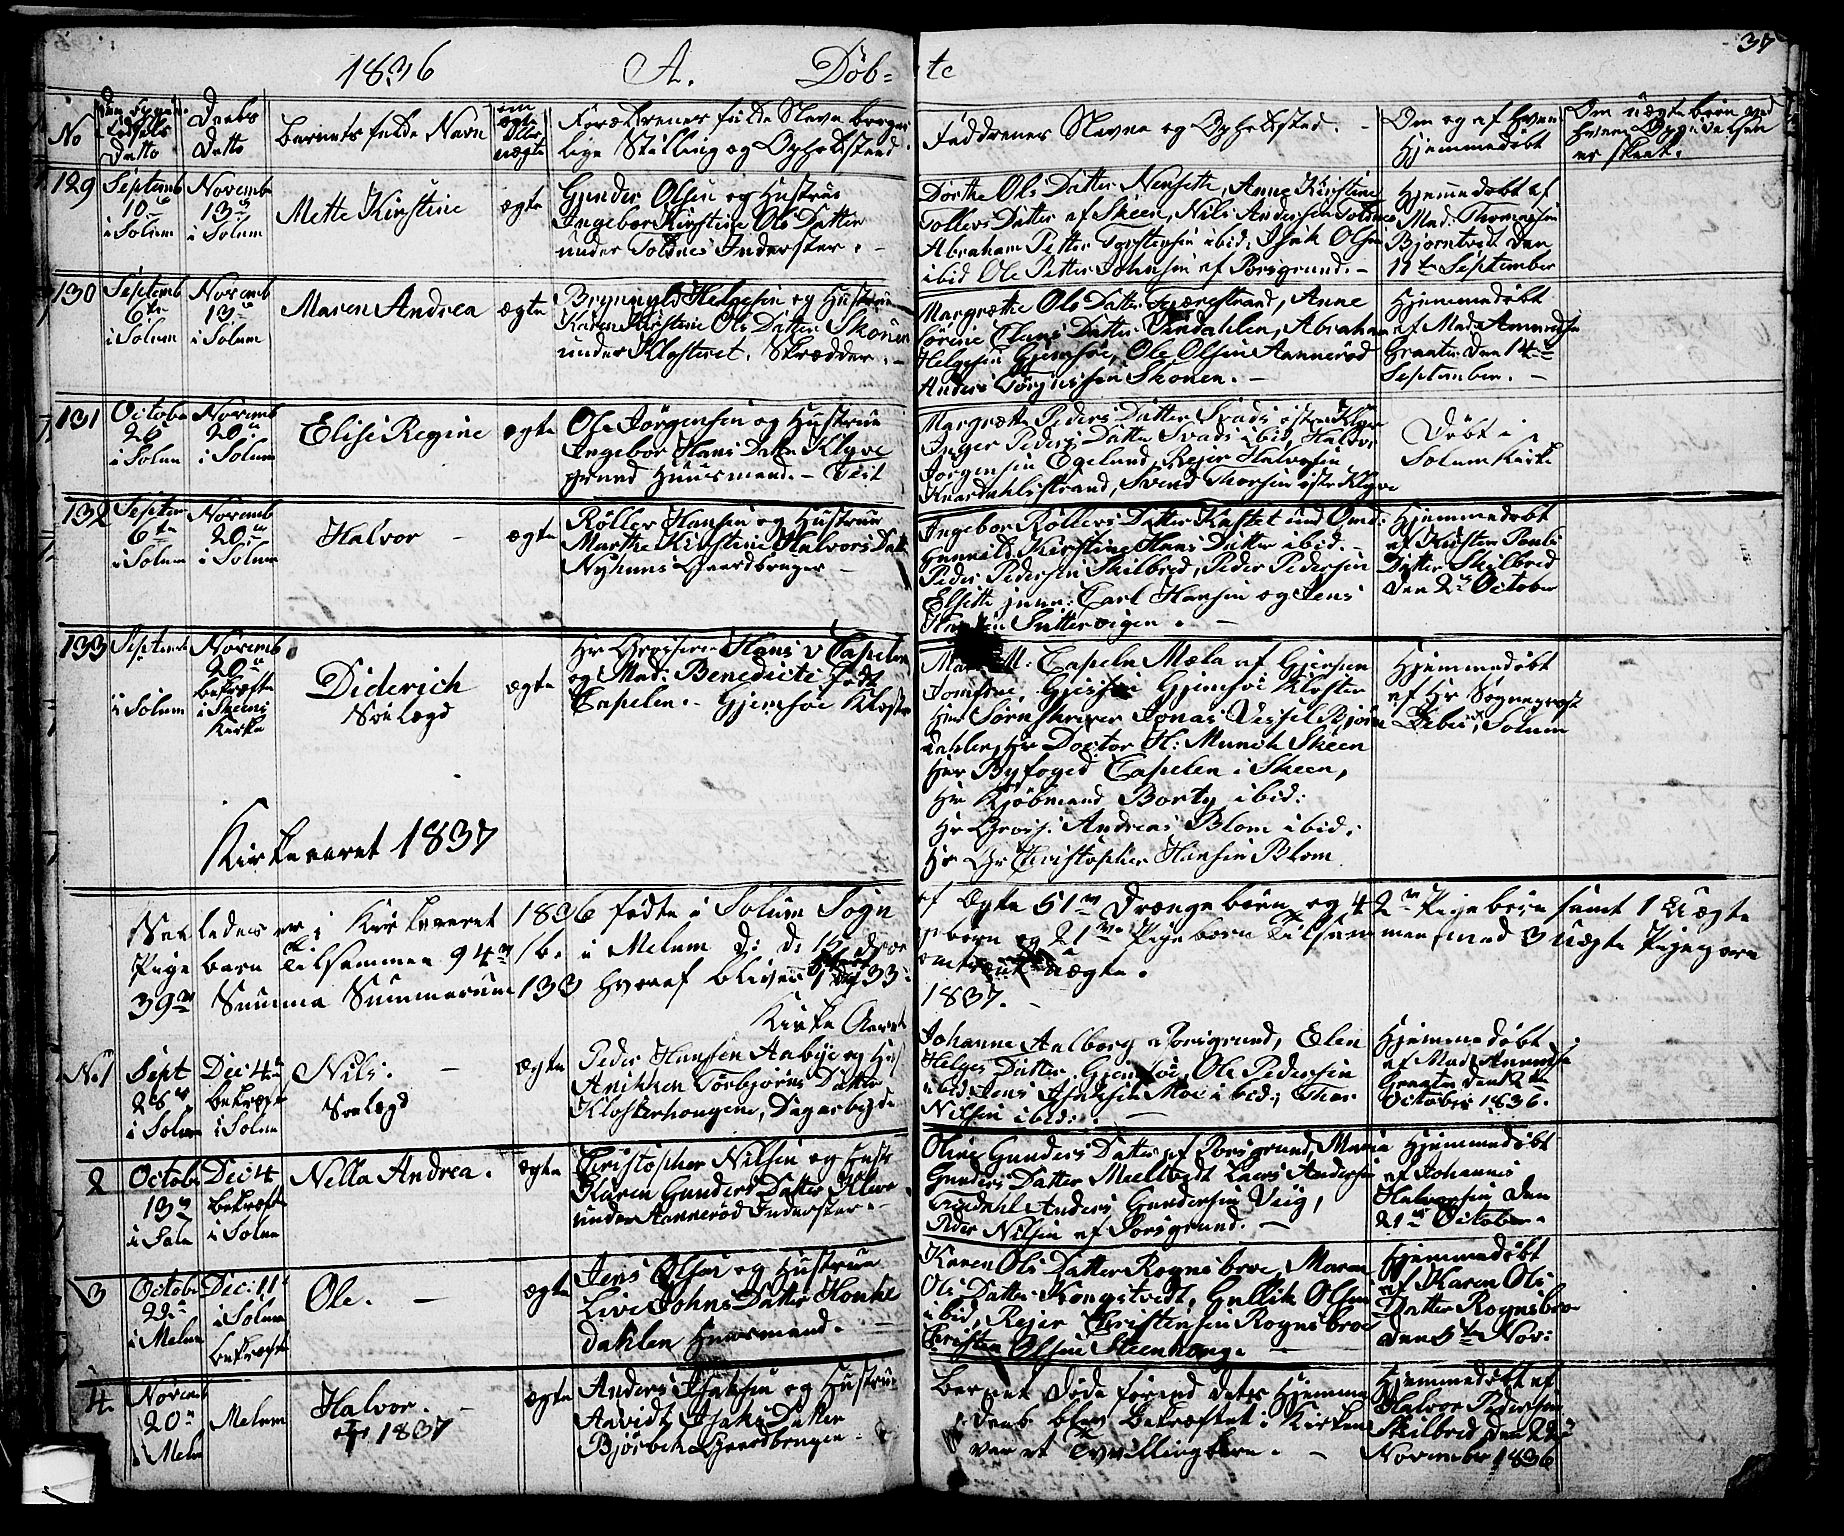 SAKO, Solum kirkebøker, G/Ga/L0002: Klokkerbok nr. I 2, 1834-1848, s. 37